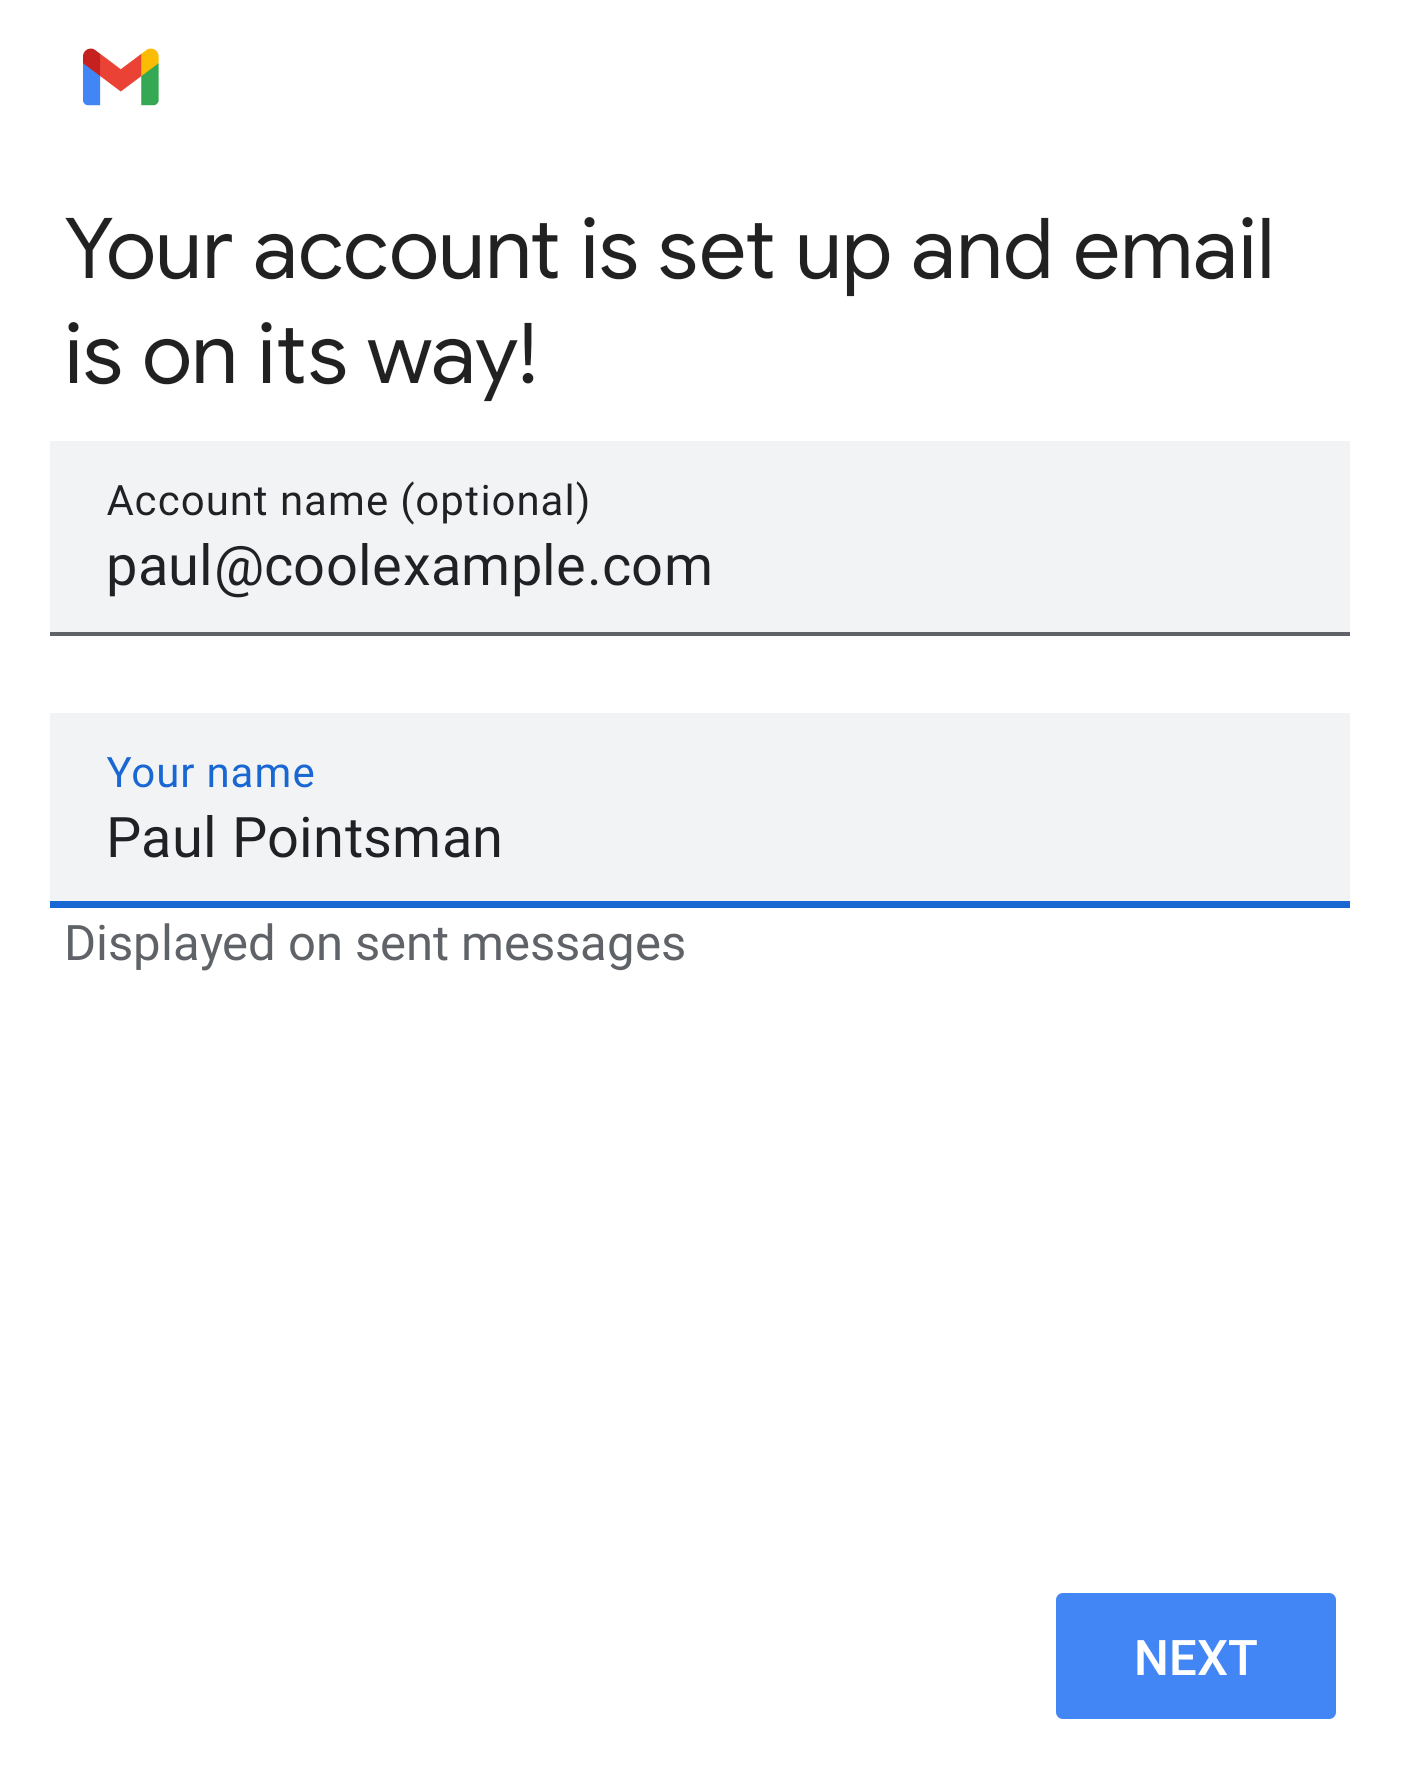 Ingresa tu nombre